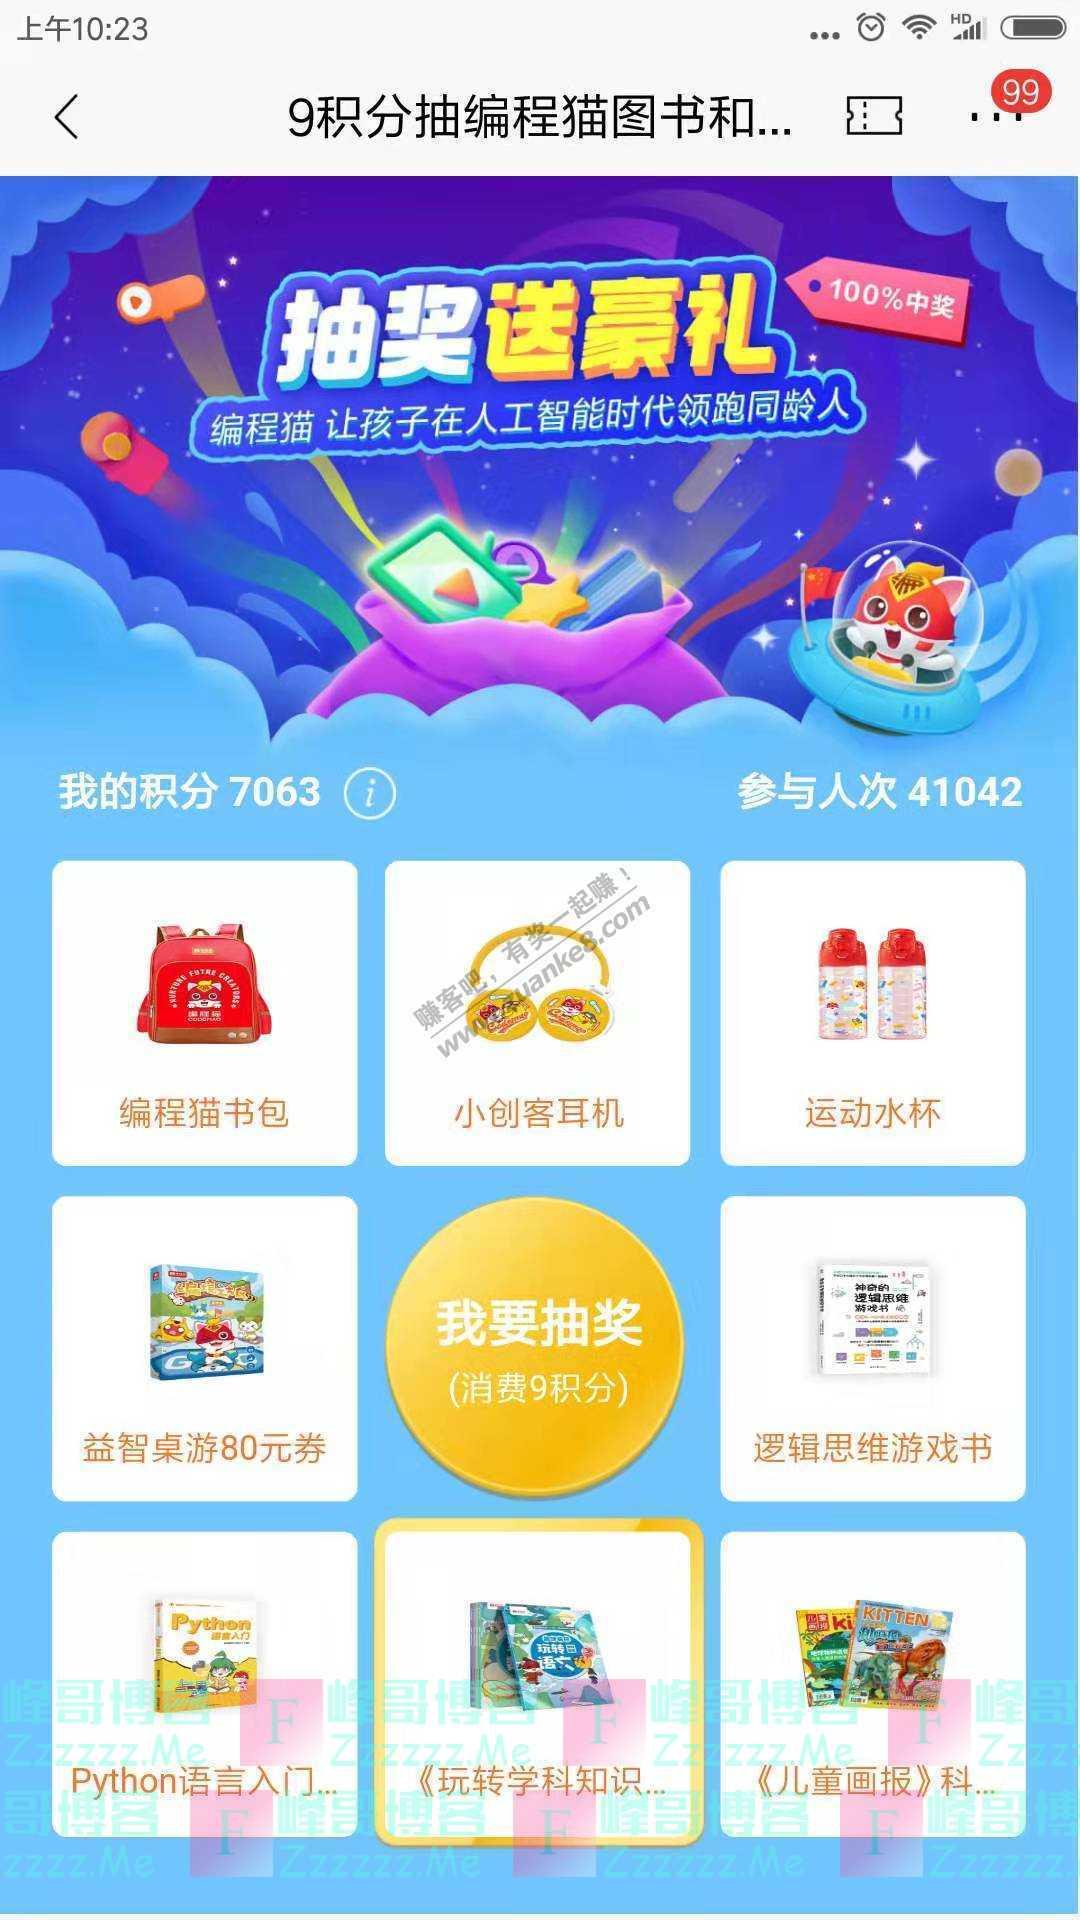 招商银行app9积分抽编程猫图书和萌趣周边(截止11月27日)